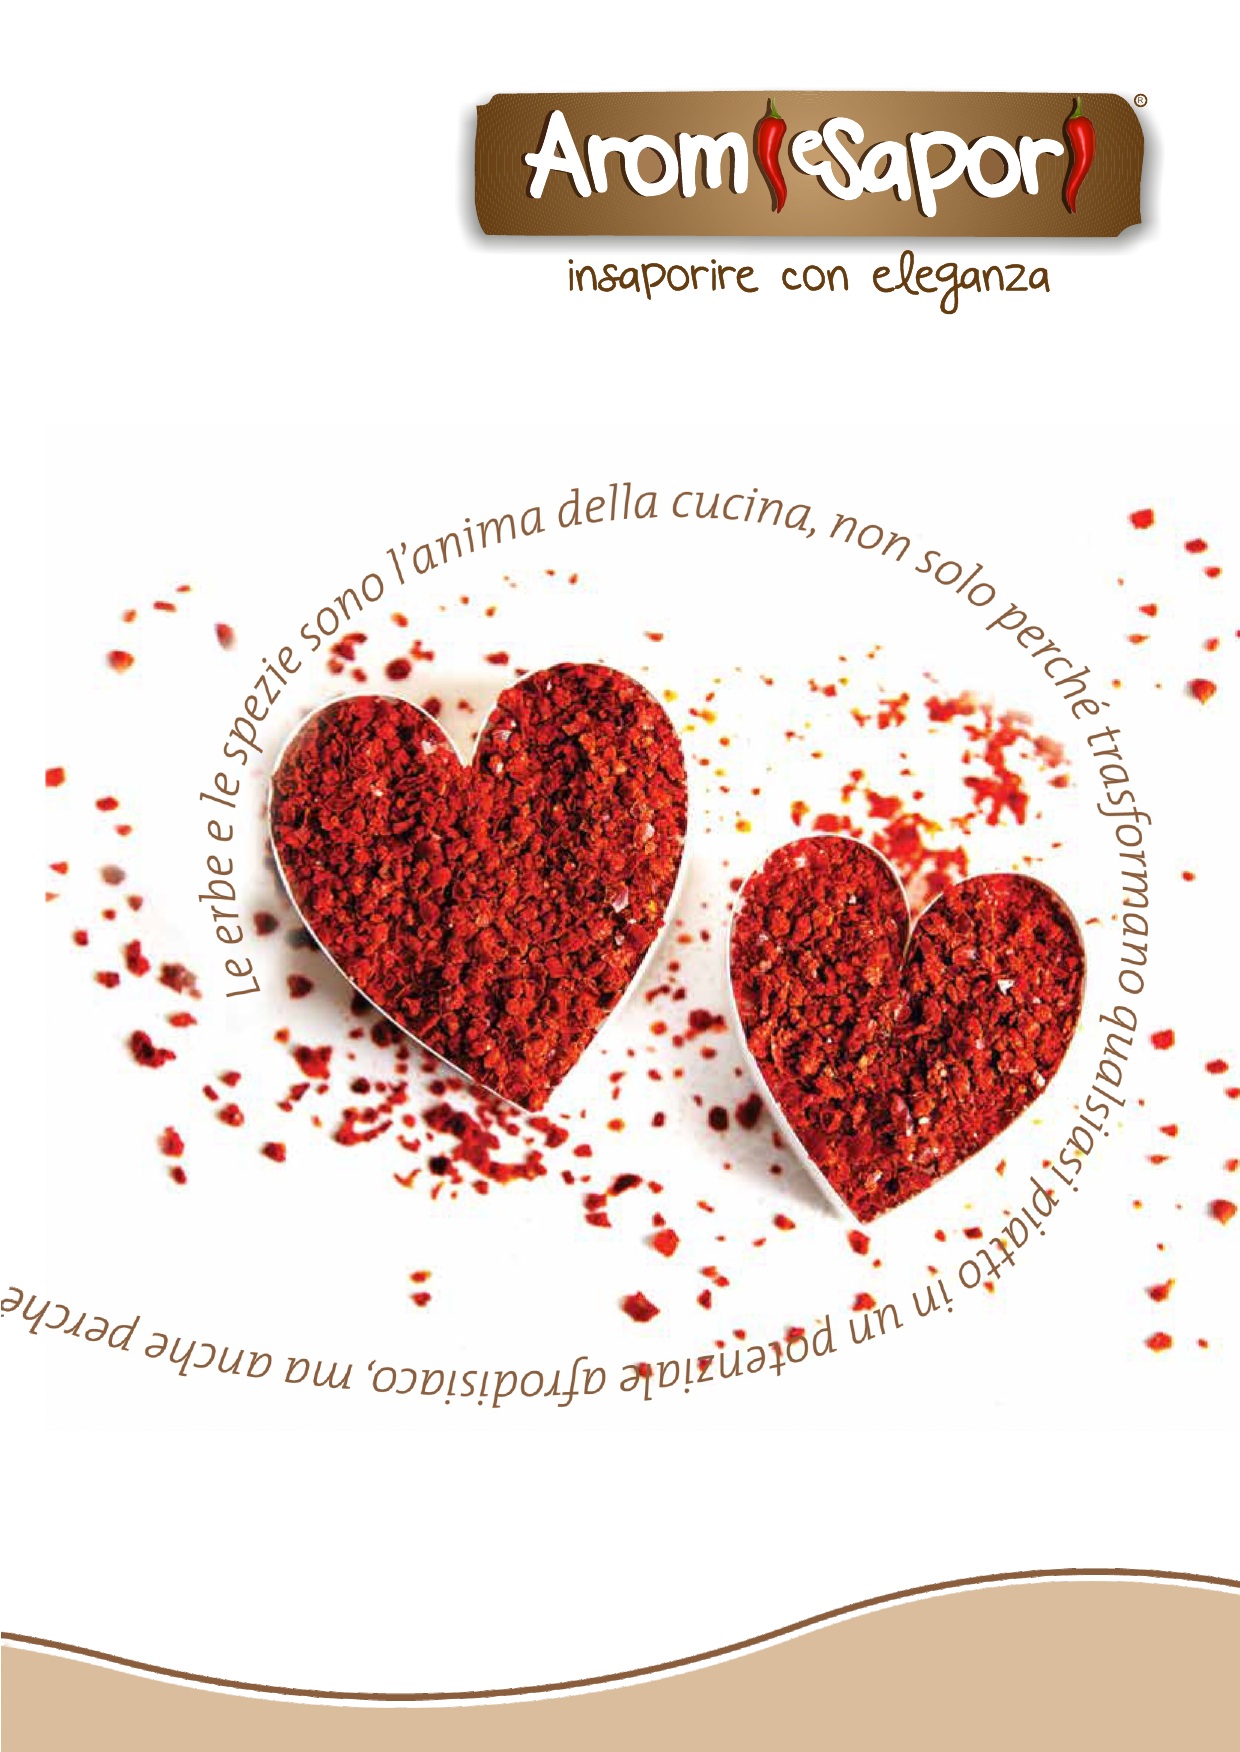 Catalogo aromi e sapori 2015 for Catalogo acqua e sapone 2015